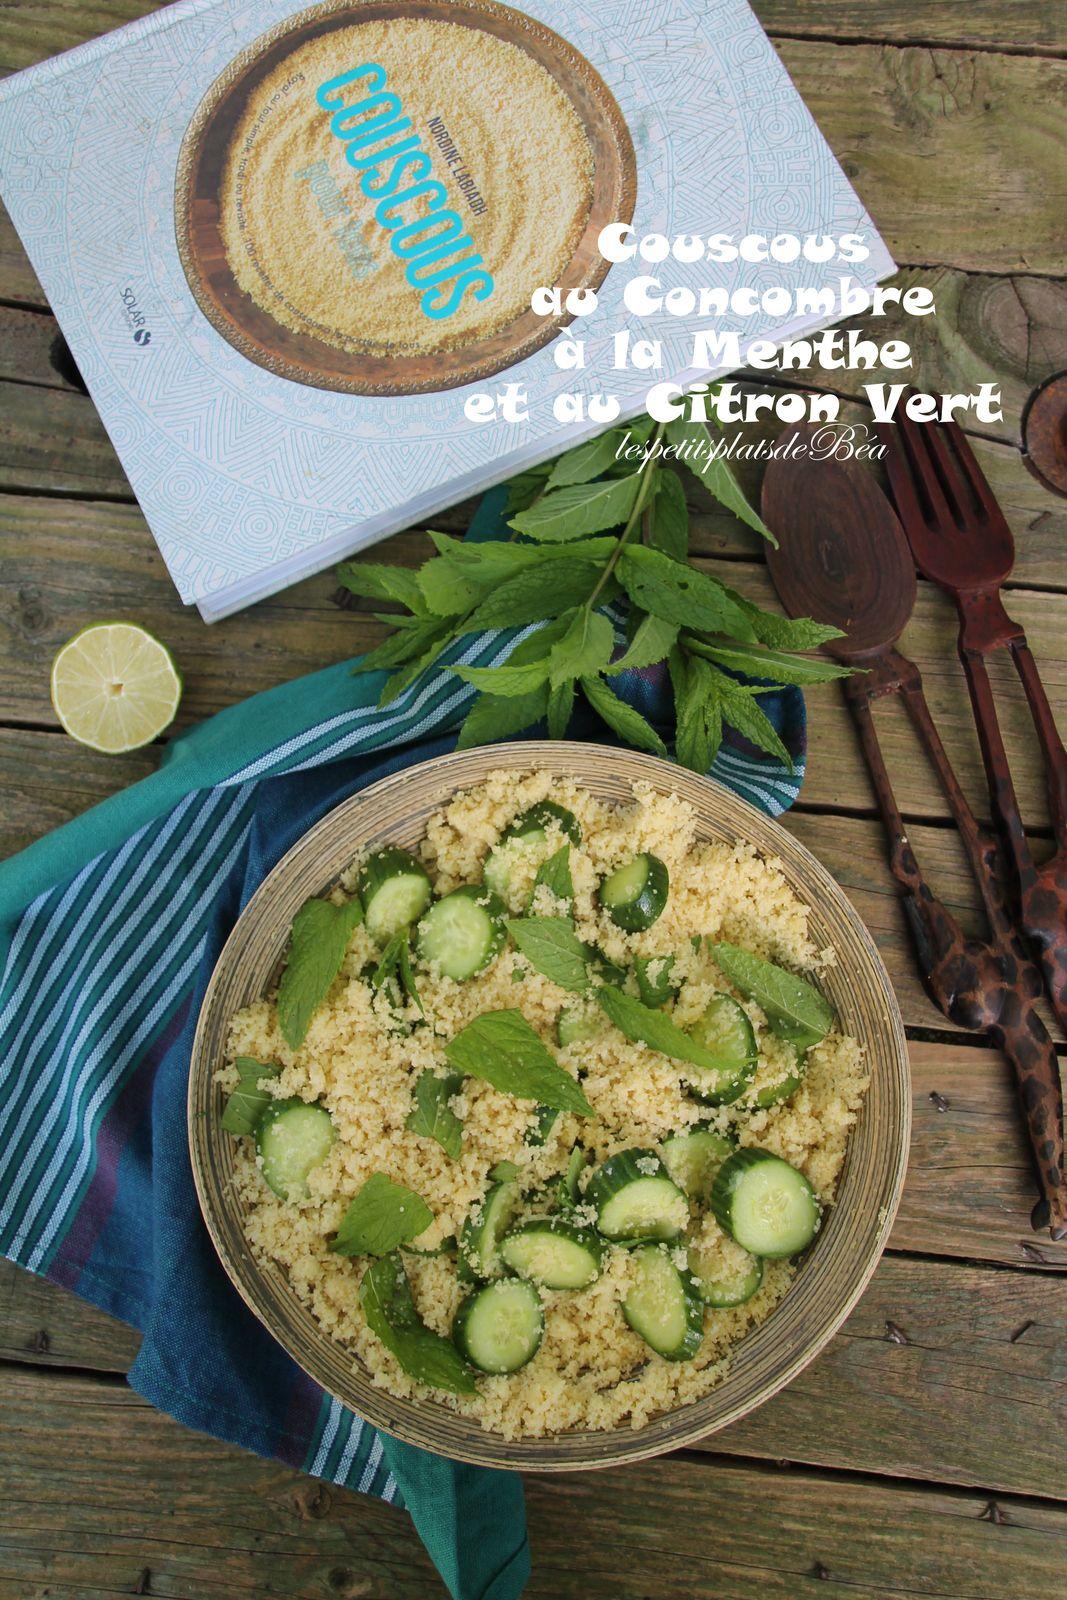 Couscous au concombre, à la menthe fraiche et au au citron vert